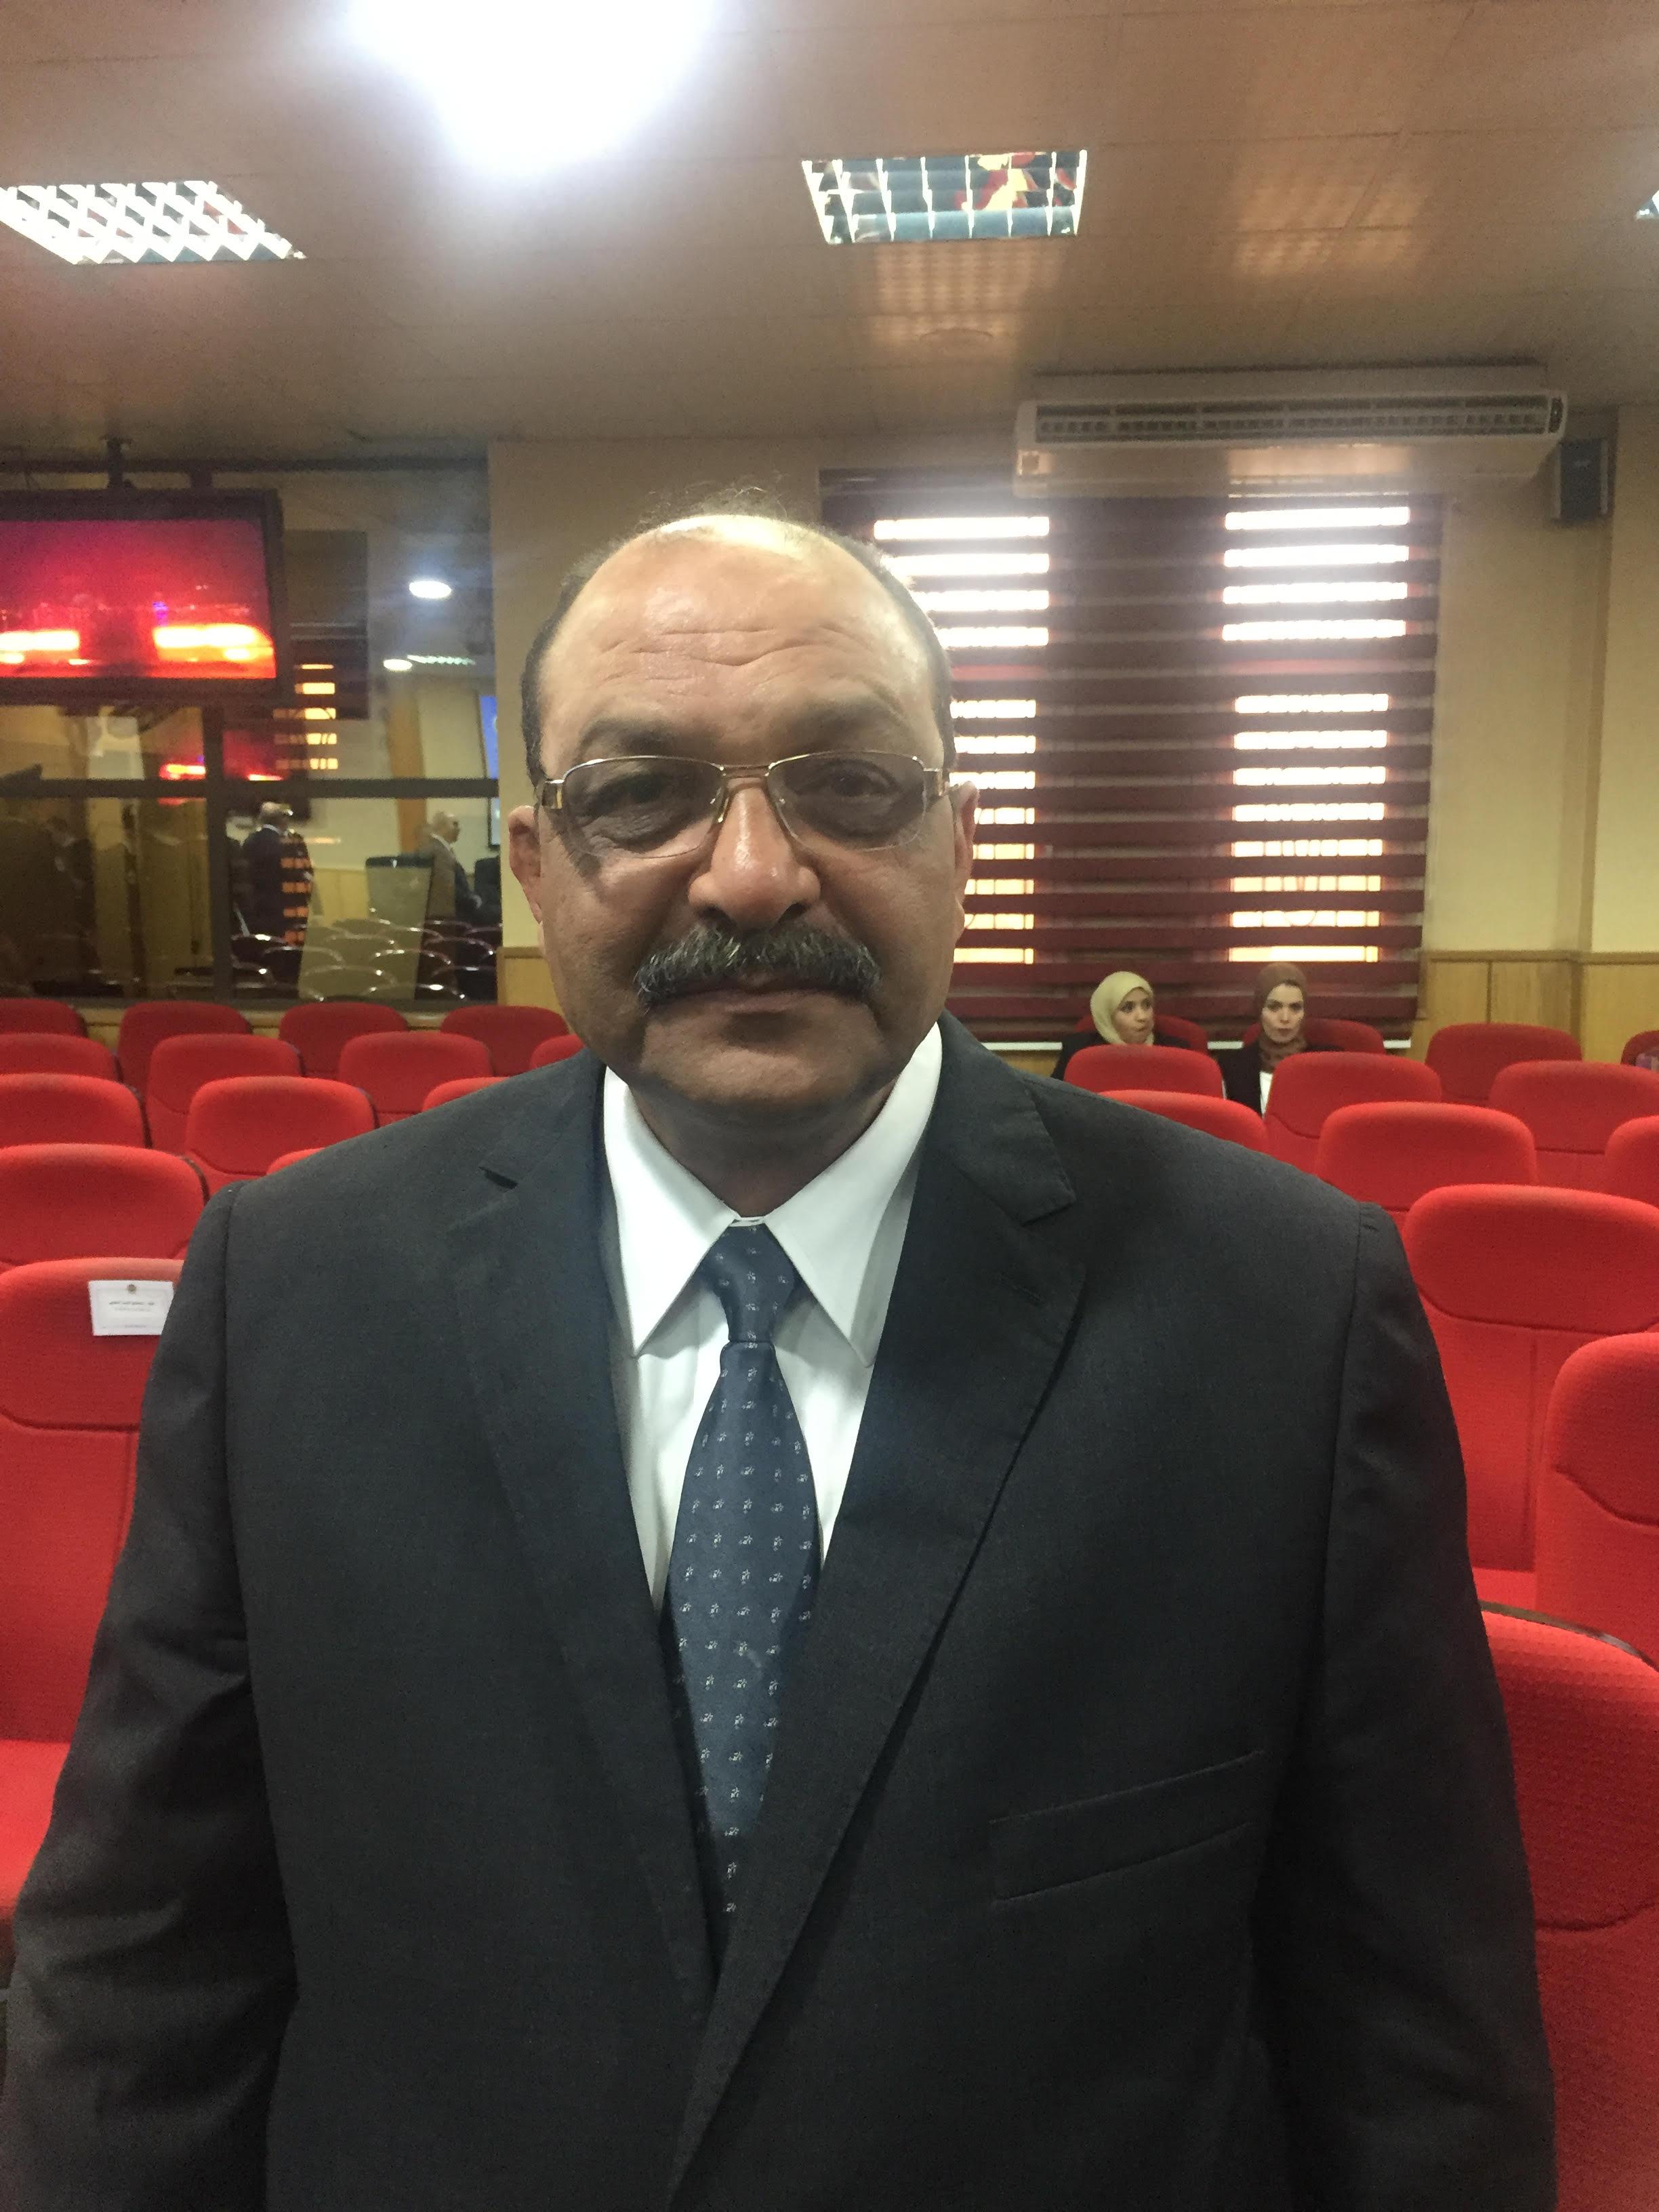 اللواء خلف حسين مدير شرطة الرعاية اللاحقة